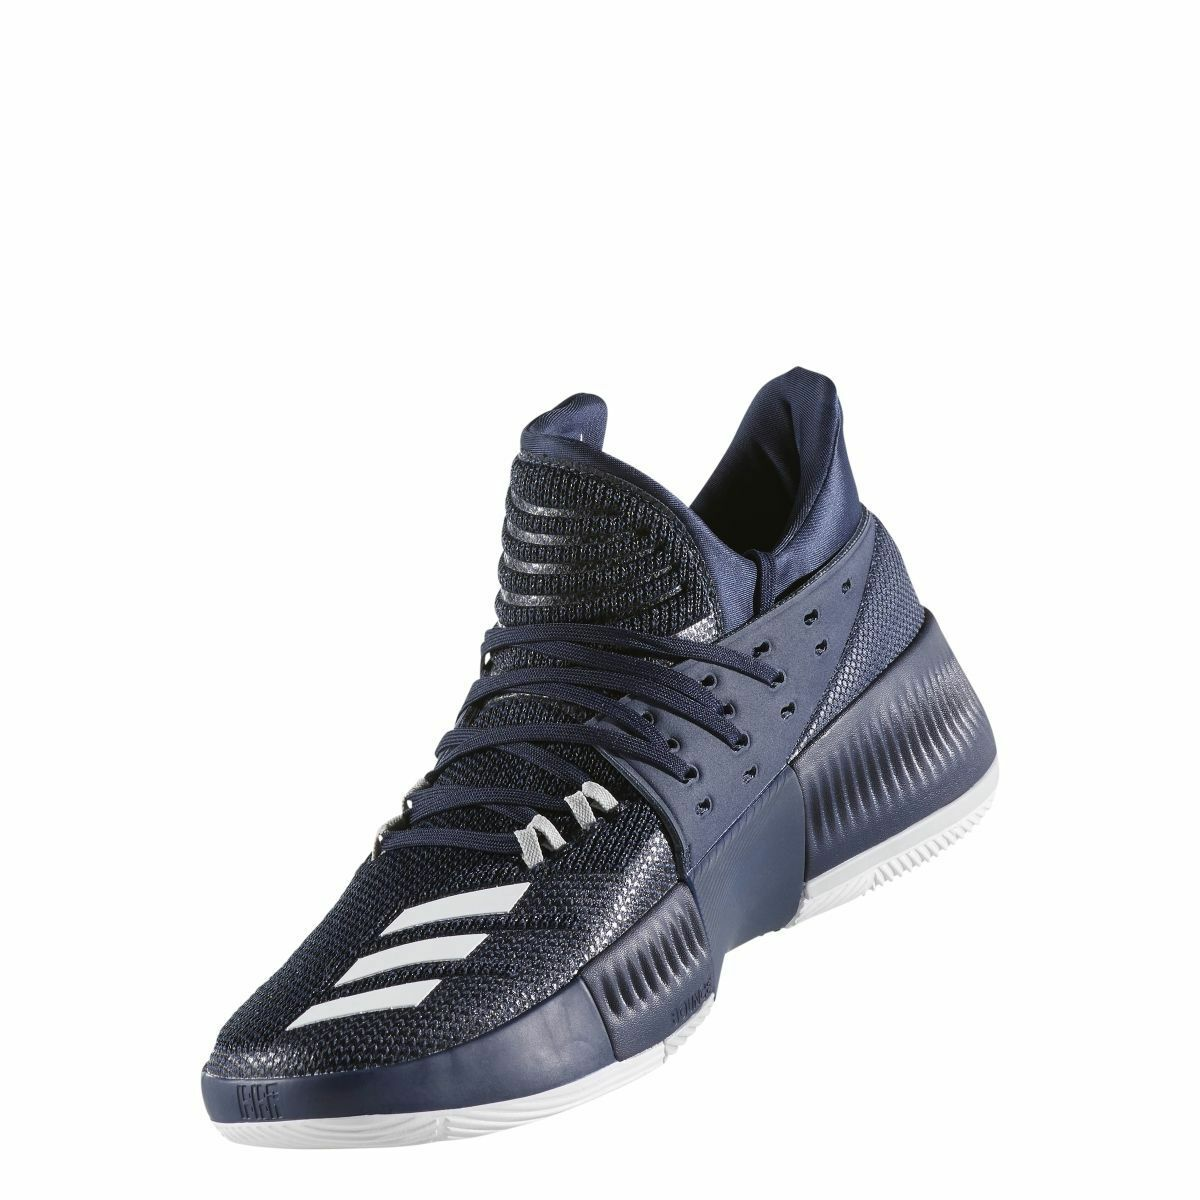 Adidas - dame 3 männer ist basketball - schuhe, kollegiale navy weiße by3190